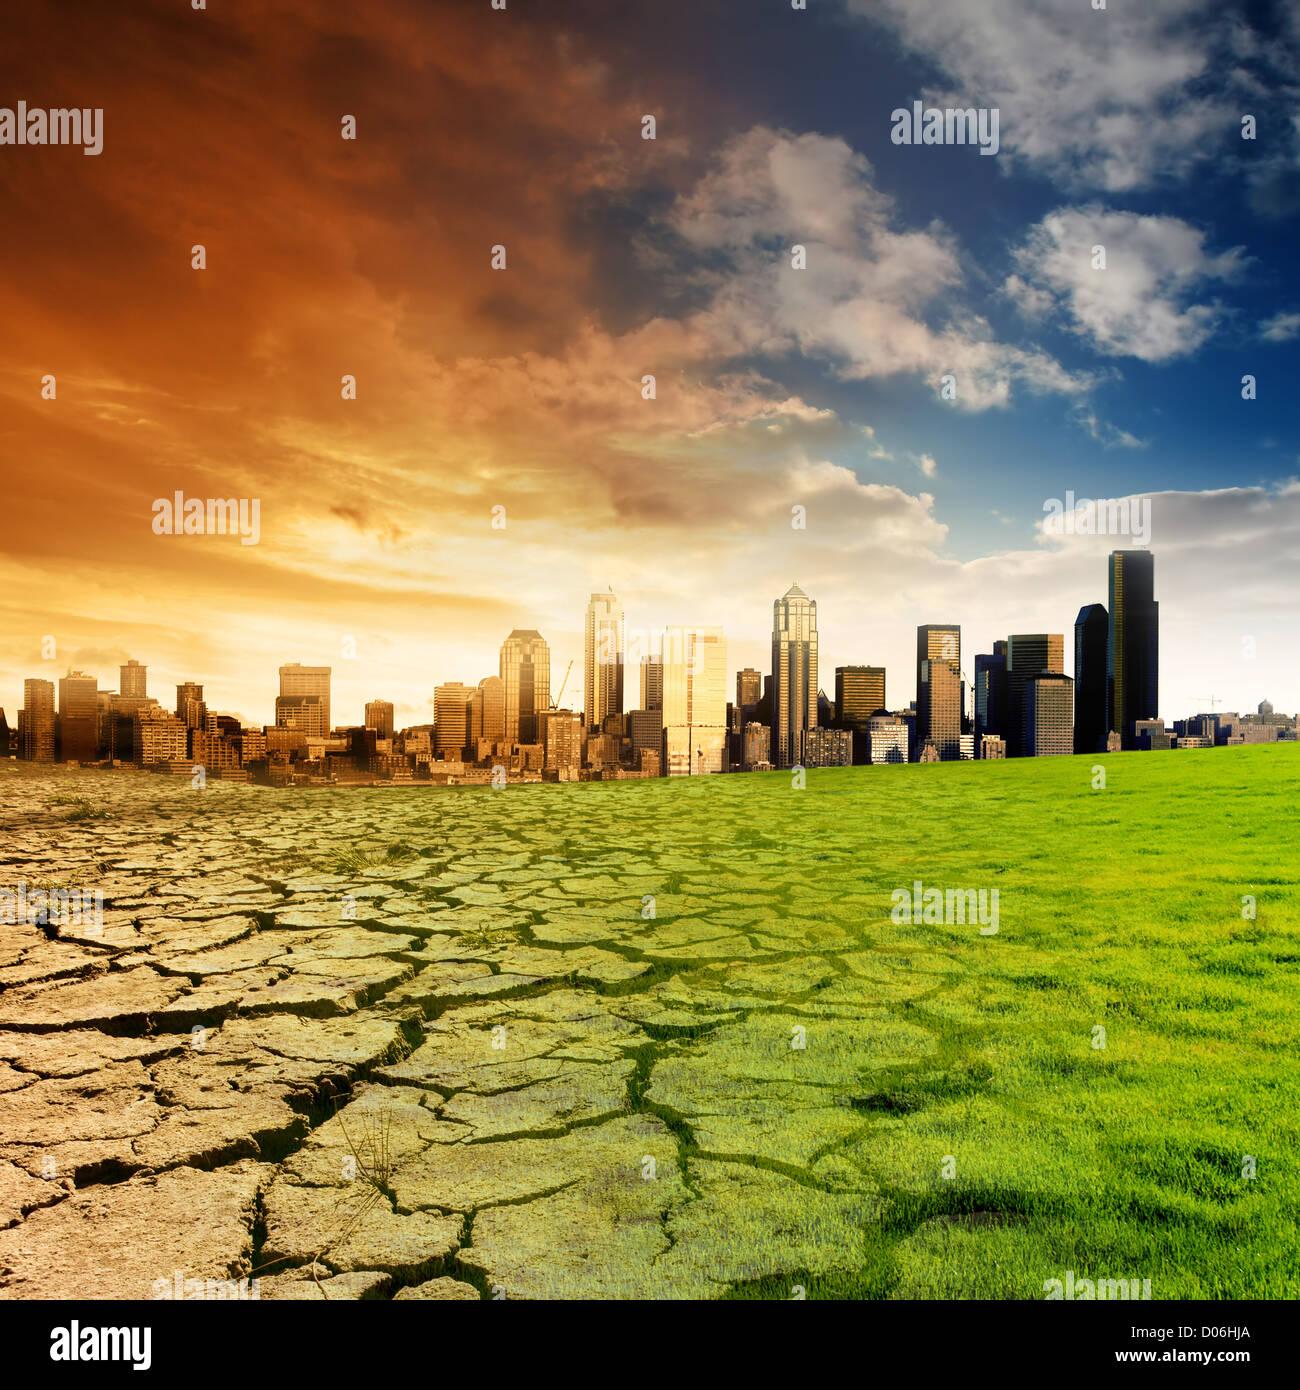 Efecto del calentamiento global sobre una ciudad Imagen De Stock